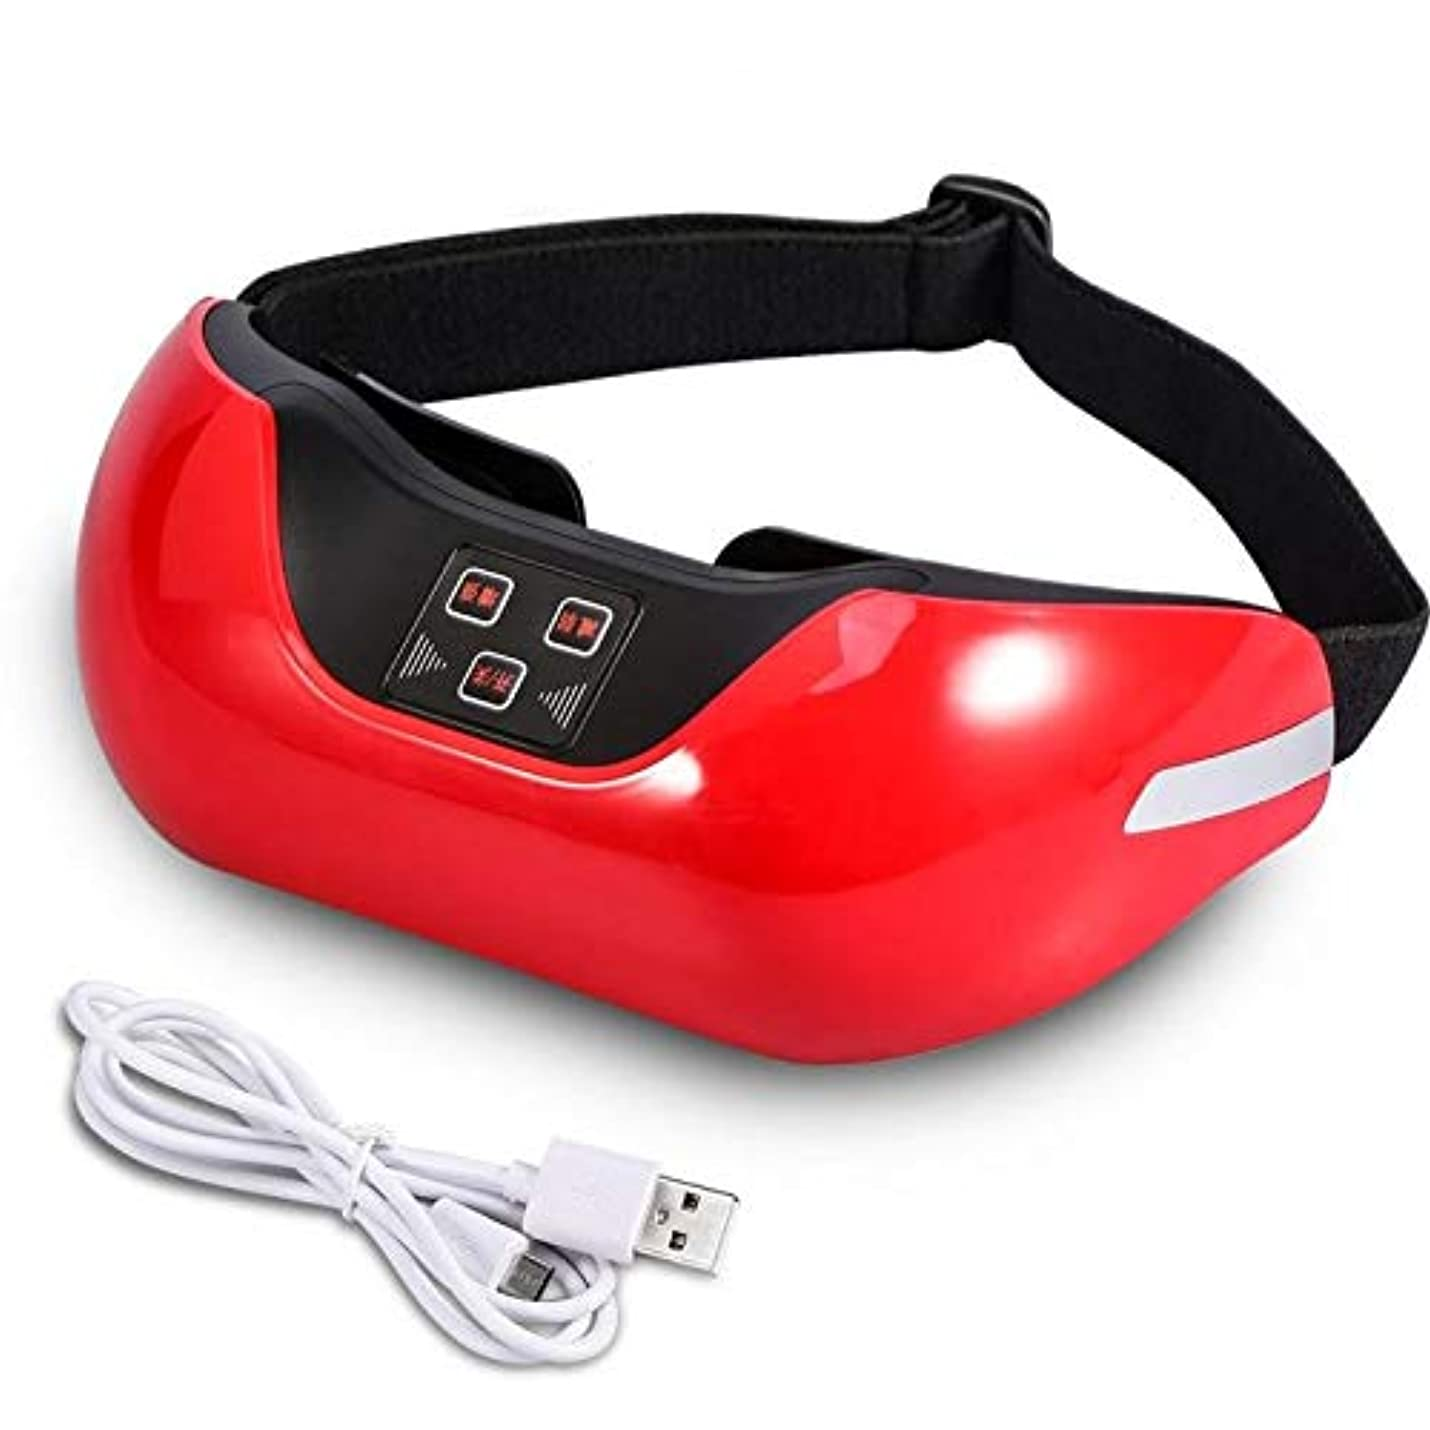 啓発する膨張する百科事典Ruzzy 緑色光アイマッサージャー付き3D充電式マッサージャー 購入へようこそ (Color : Red)